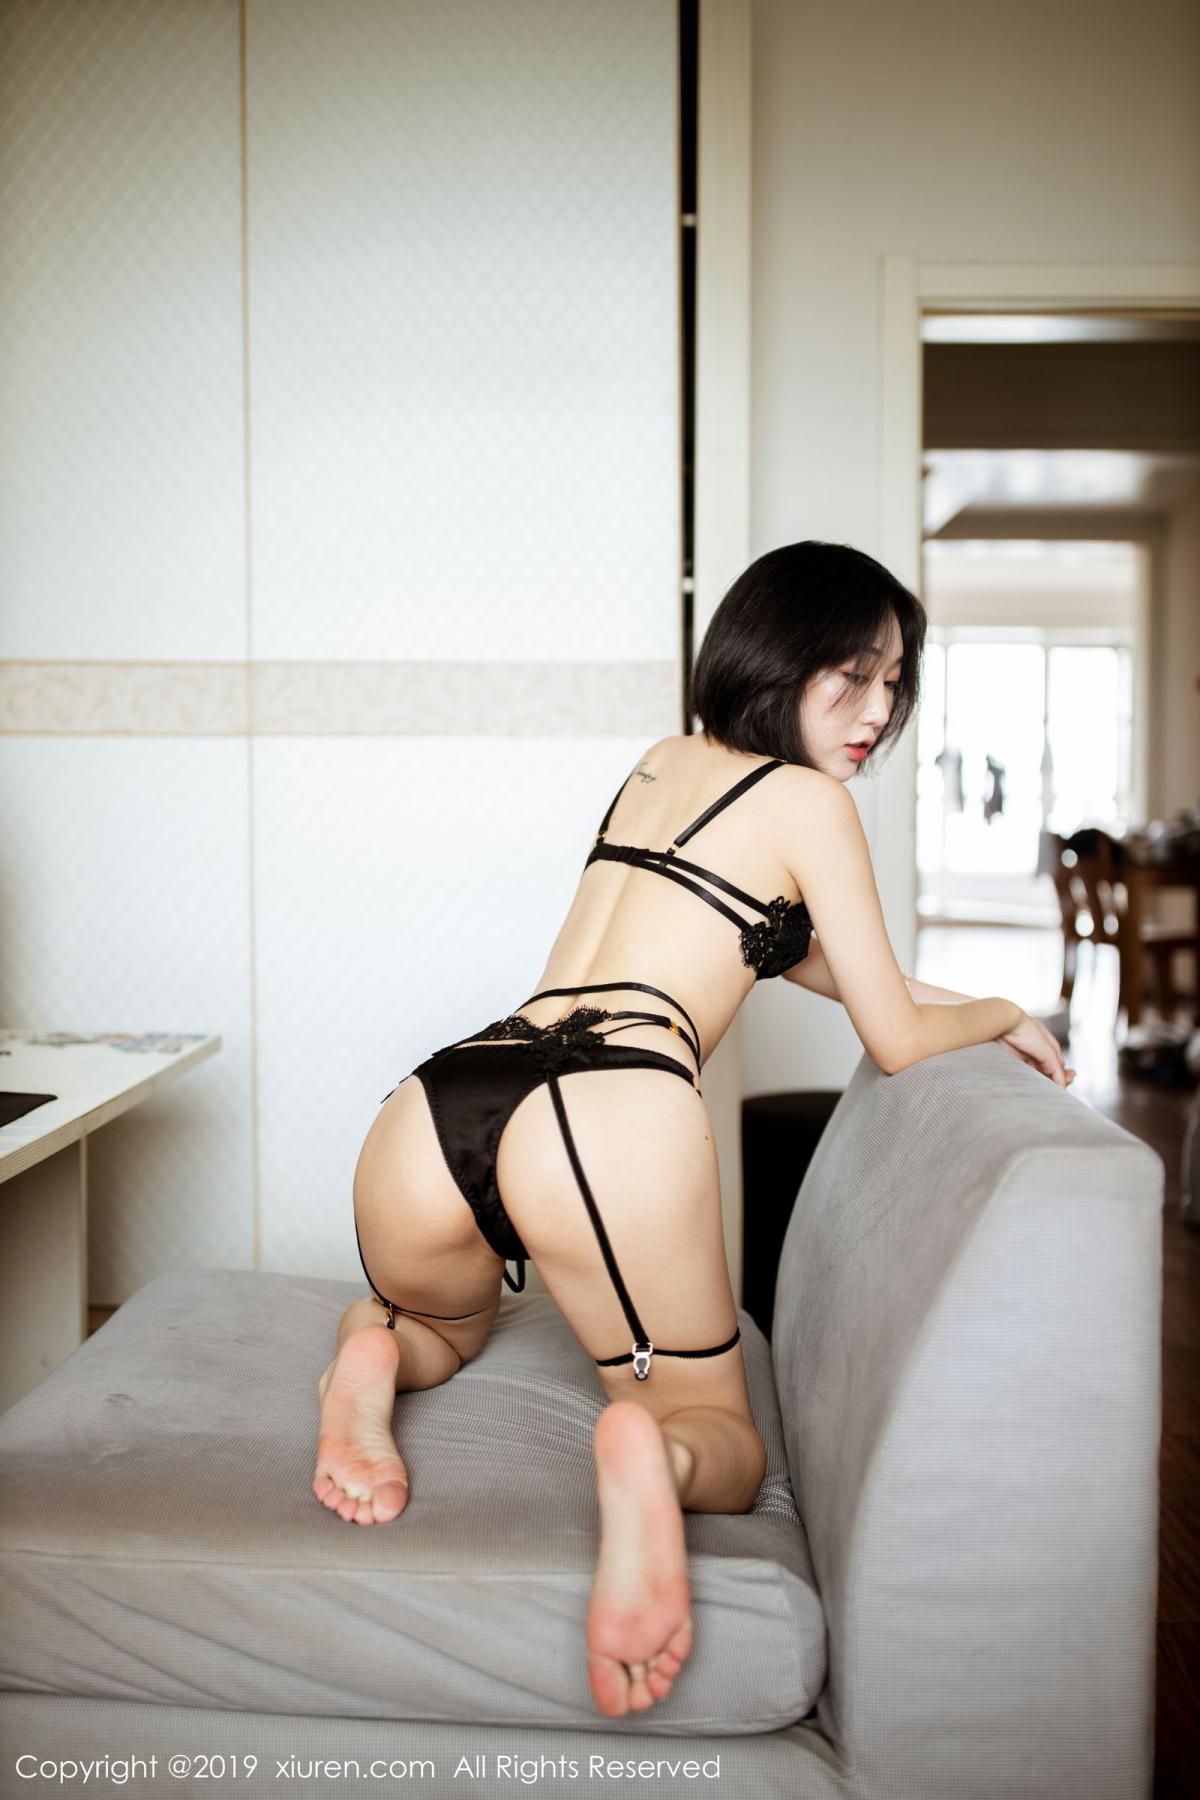 [XiuRen] Vol.1618 Xiao Jiu Yue 13P, Pure, Underwear, Xiao Jiu Yue, Xiuren